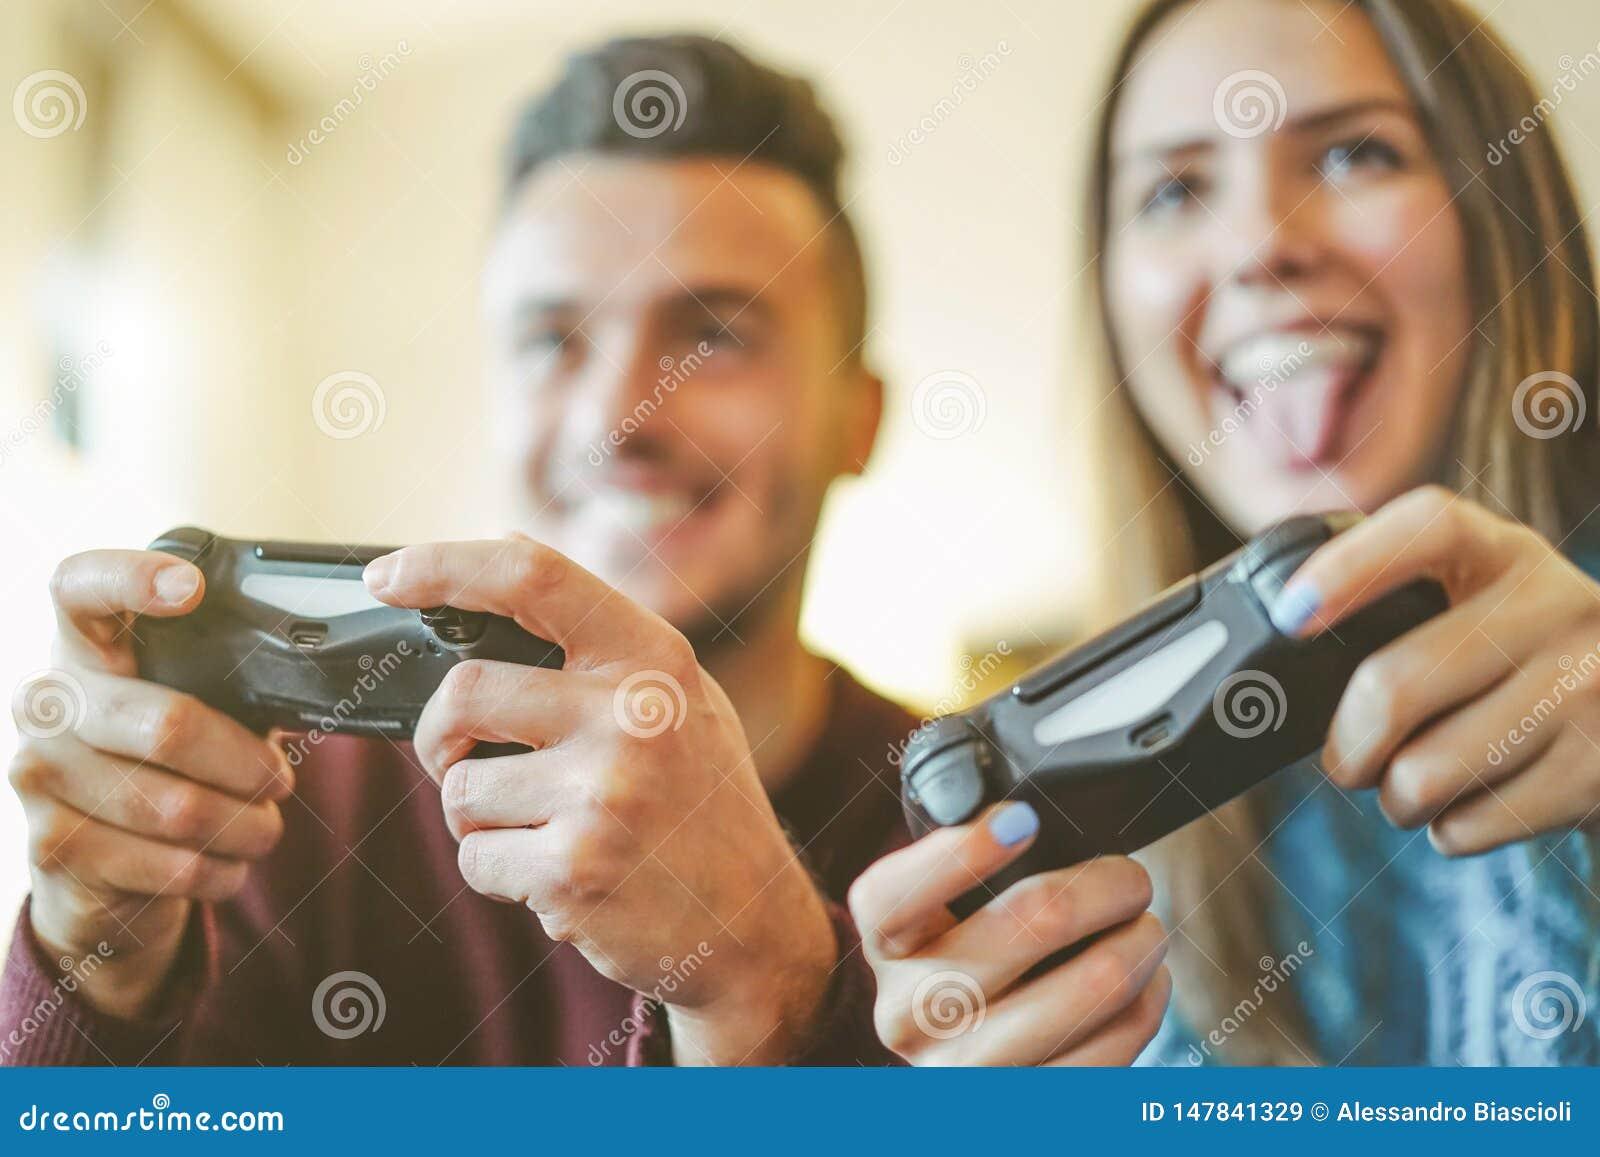 Szcz??liwi przyjaciele bawi? si? gra wideo w ich mieszkaniu - Komicznie potomstwa dobieraj? si? mie? zabaw? z now? trend konsoli